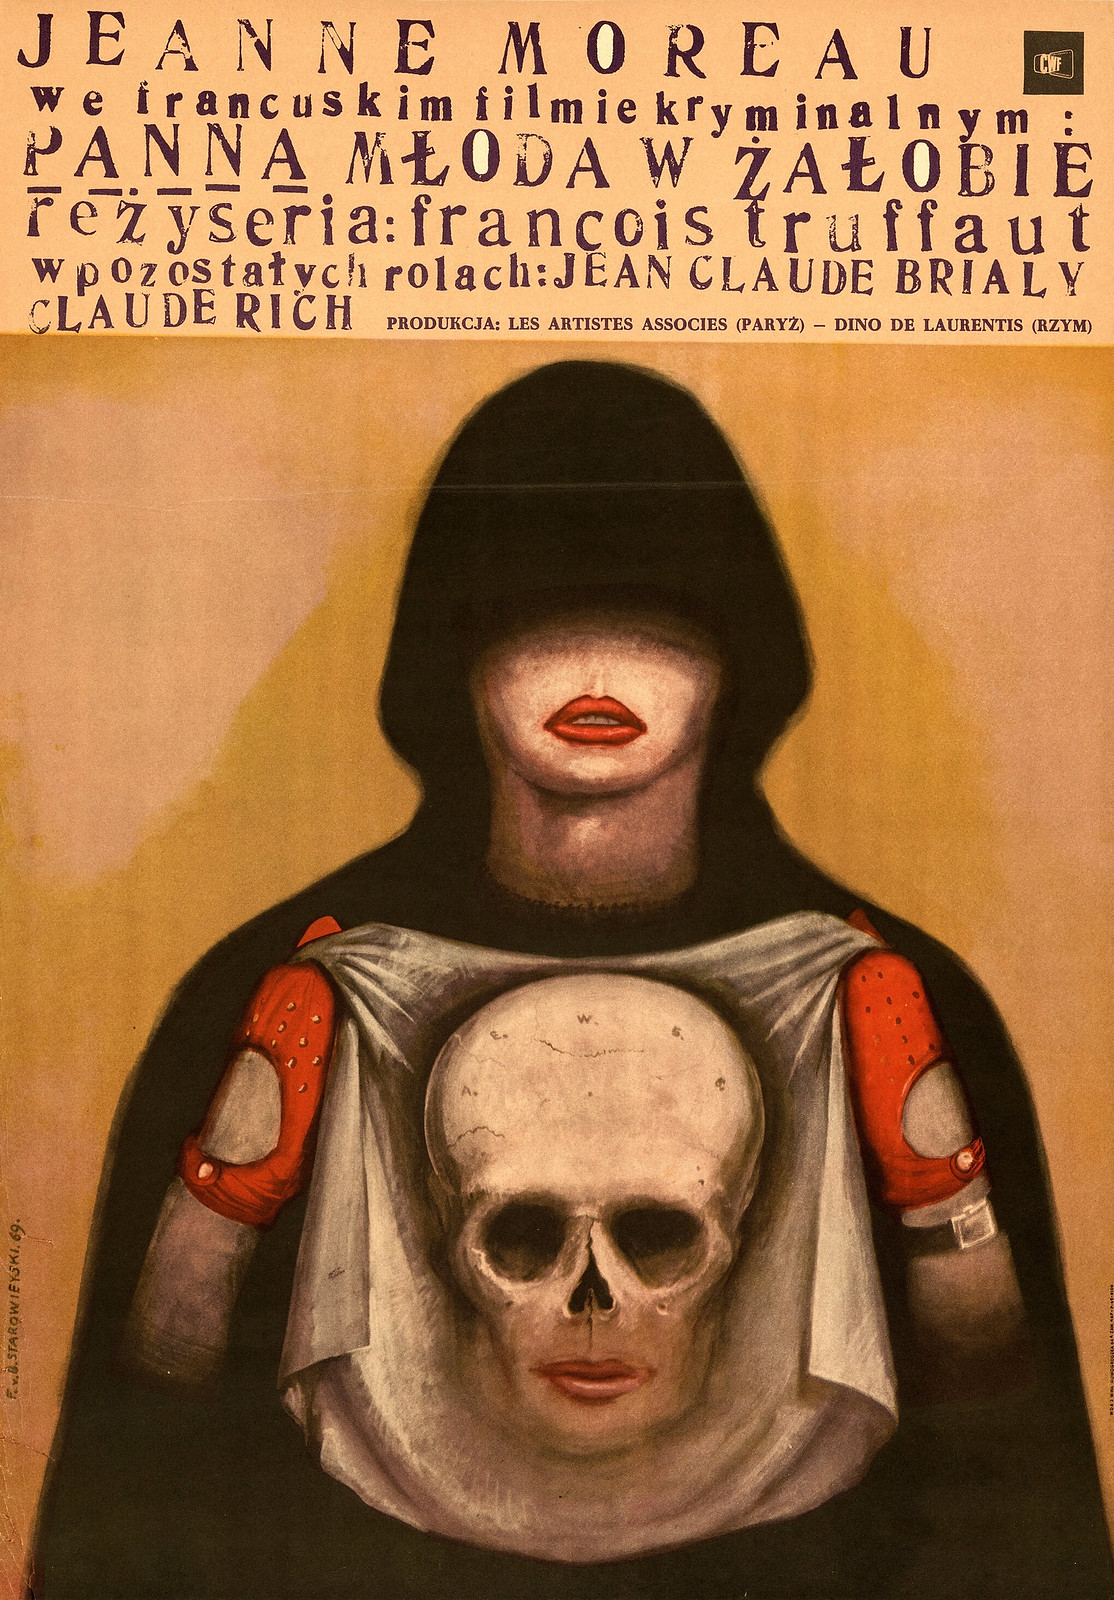 Franciszek Starowieyski - Panna Mloda w Zalobie, 1969